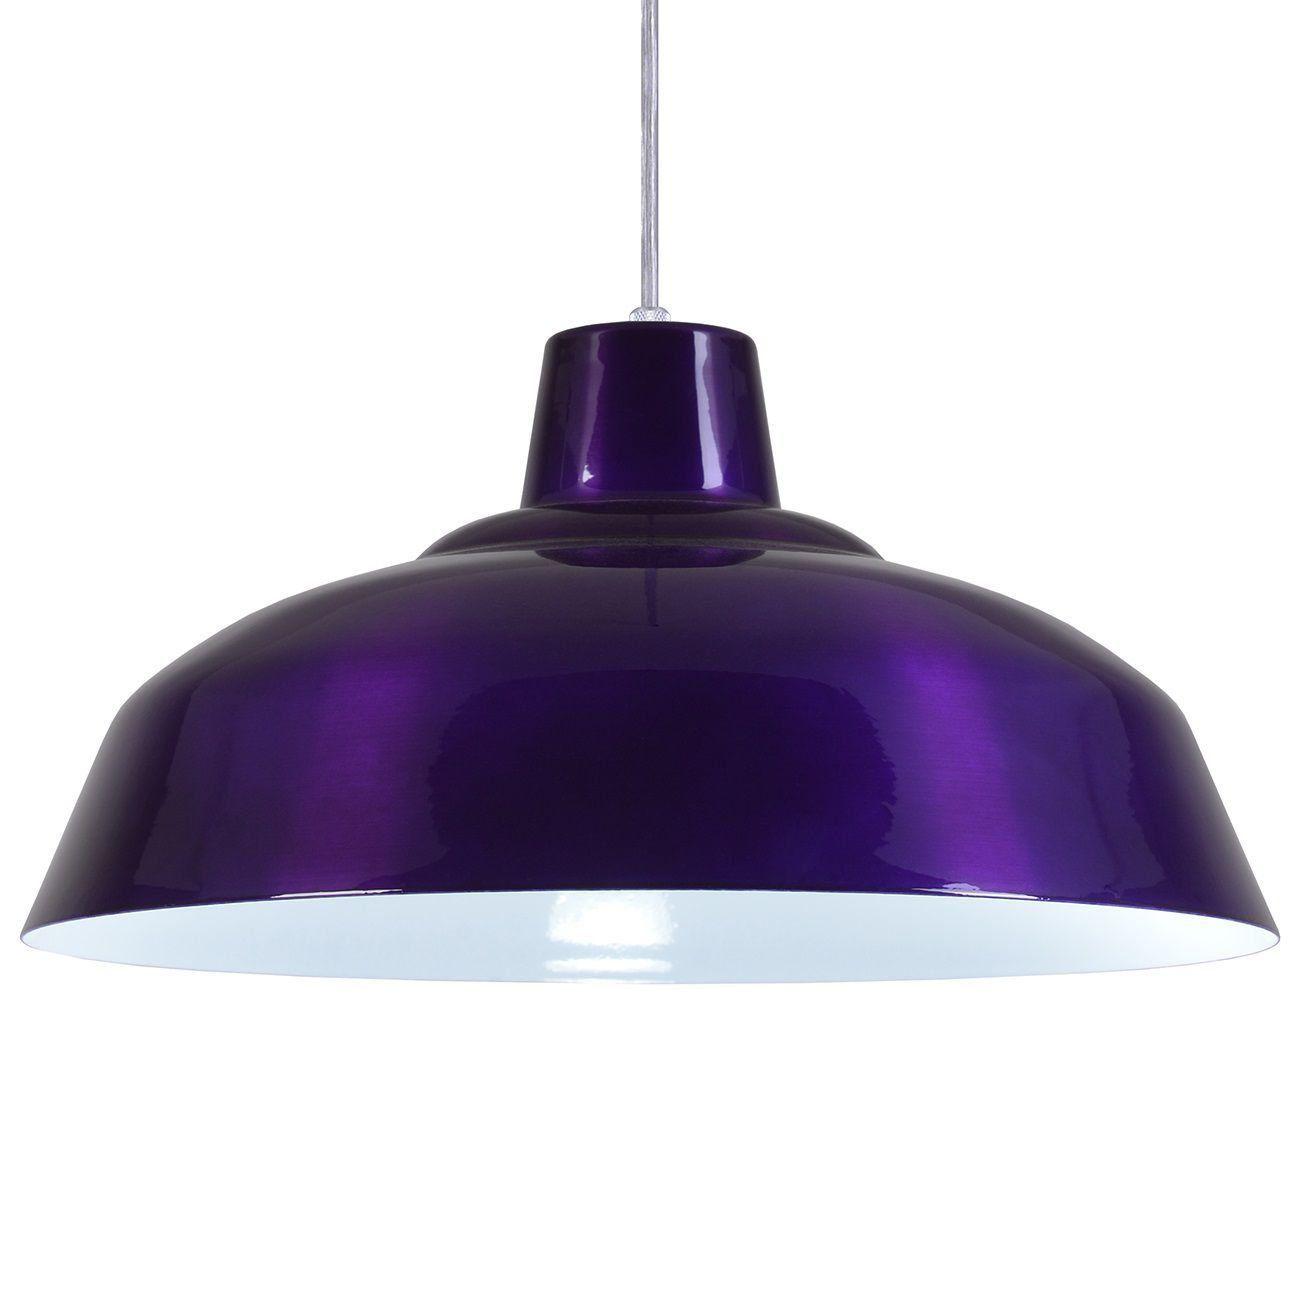 Pendente Retrô 34cm Luminária Lustre Alumínio Roxo Verniz - Rei Da Iluminação